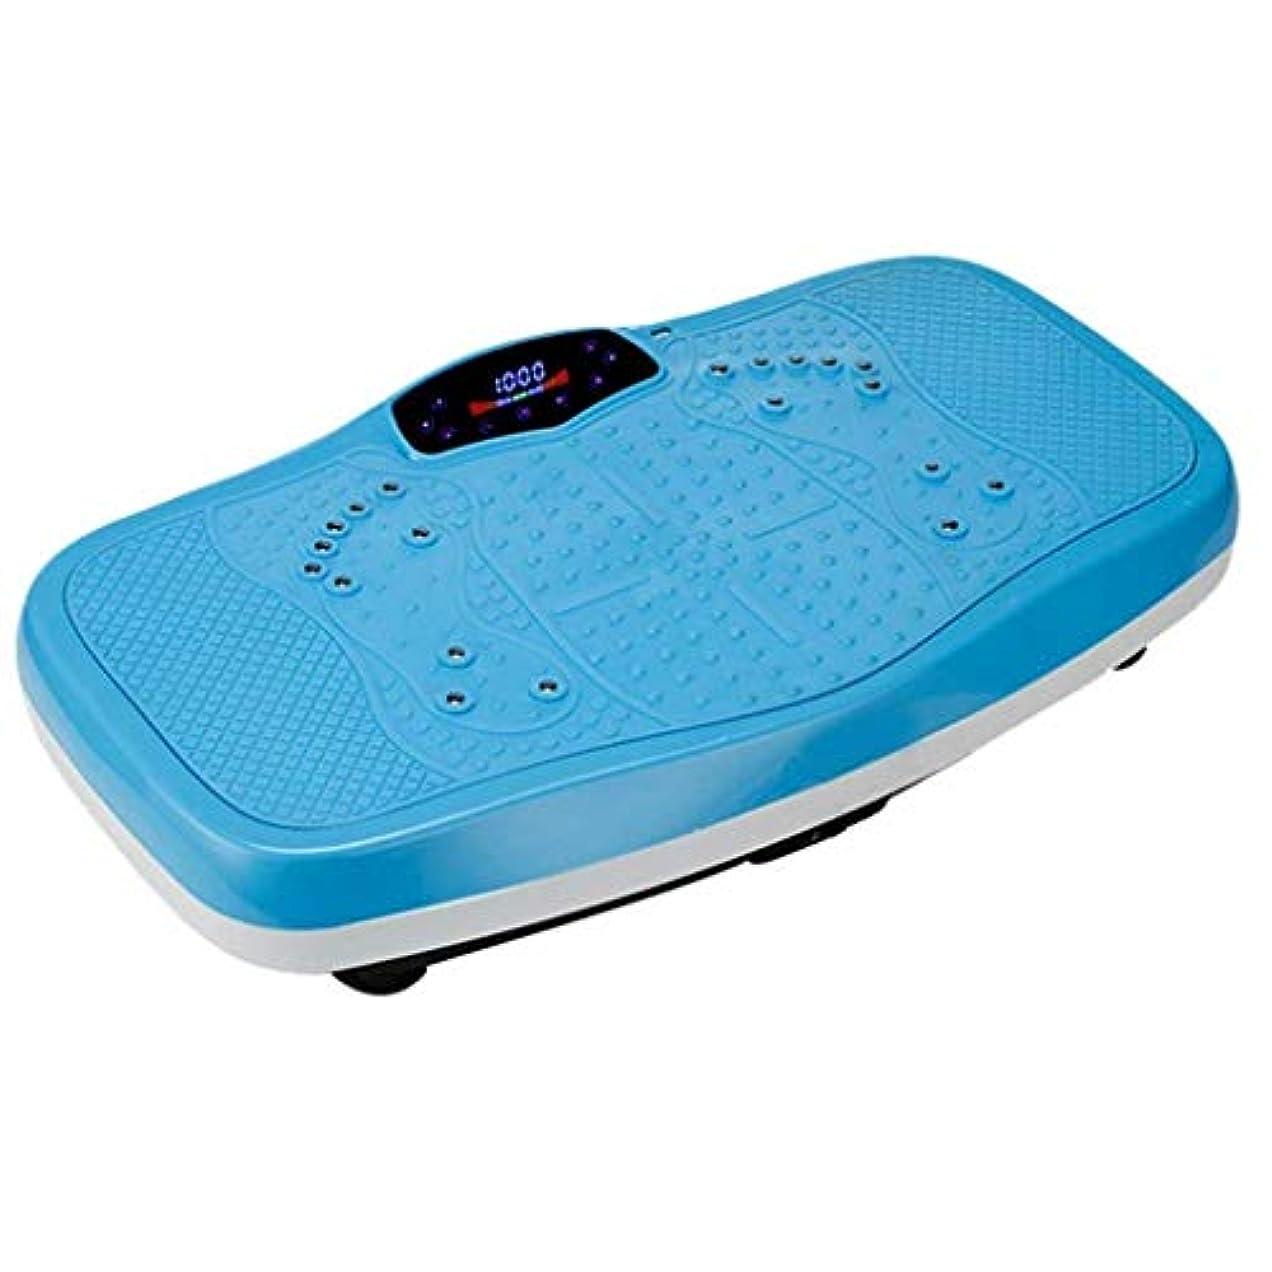 洞察力思慮のないソーシャル減量機、運動振動フィットネス形状体重減量機、Bluetoothスピーカー、家族/ジムに適し、ホームオフィス減量 (Color : 青)